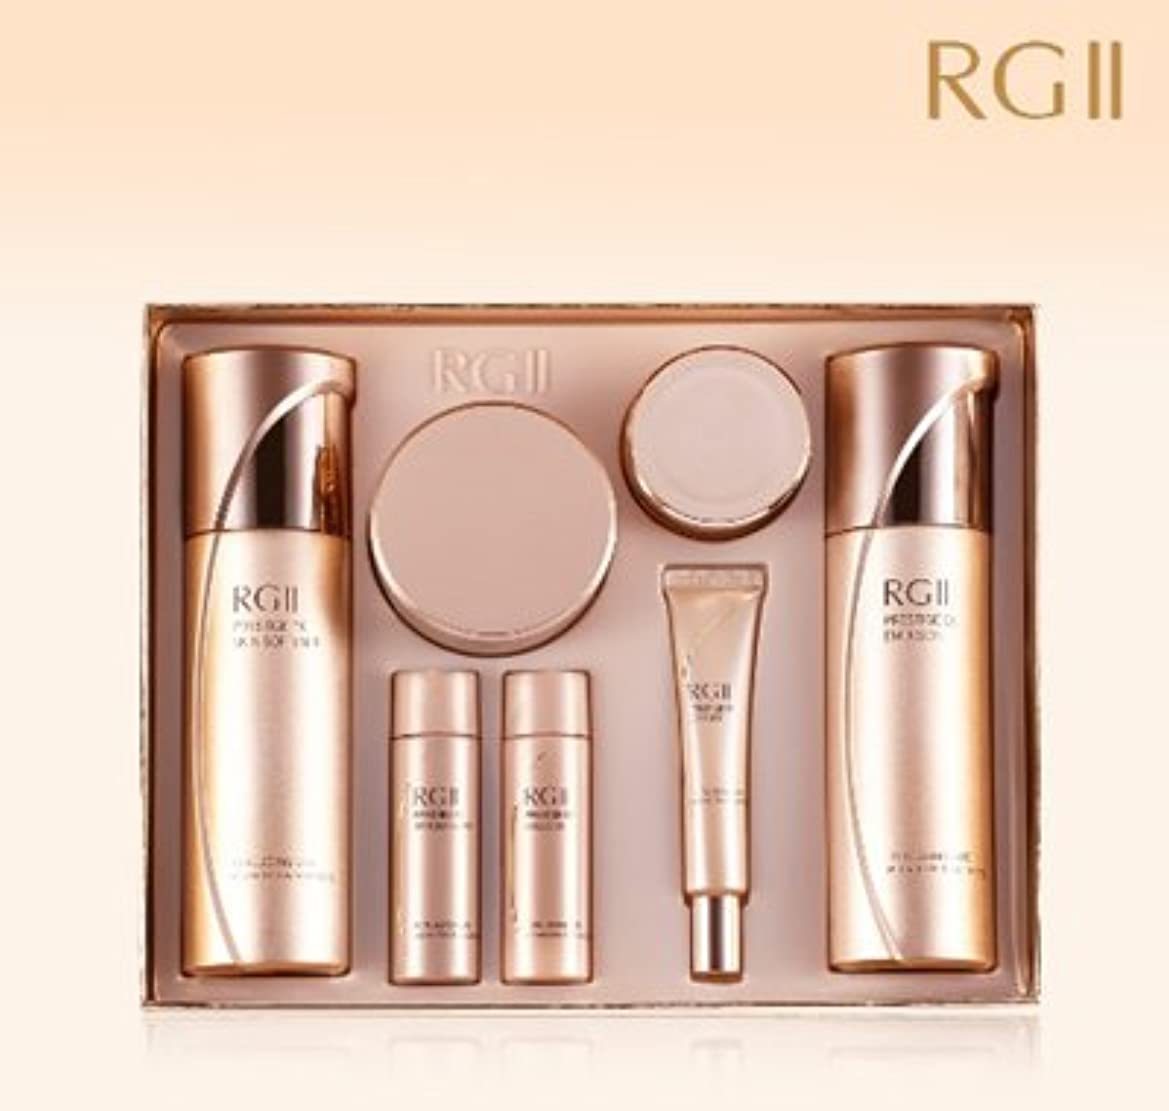 空白コンパス争い多娜嫺[Danahan] RGll Prestige EX Skin Care 3pcs Set RGll プレステージ EX スキンケア 3種セット